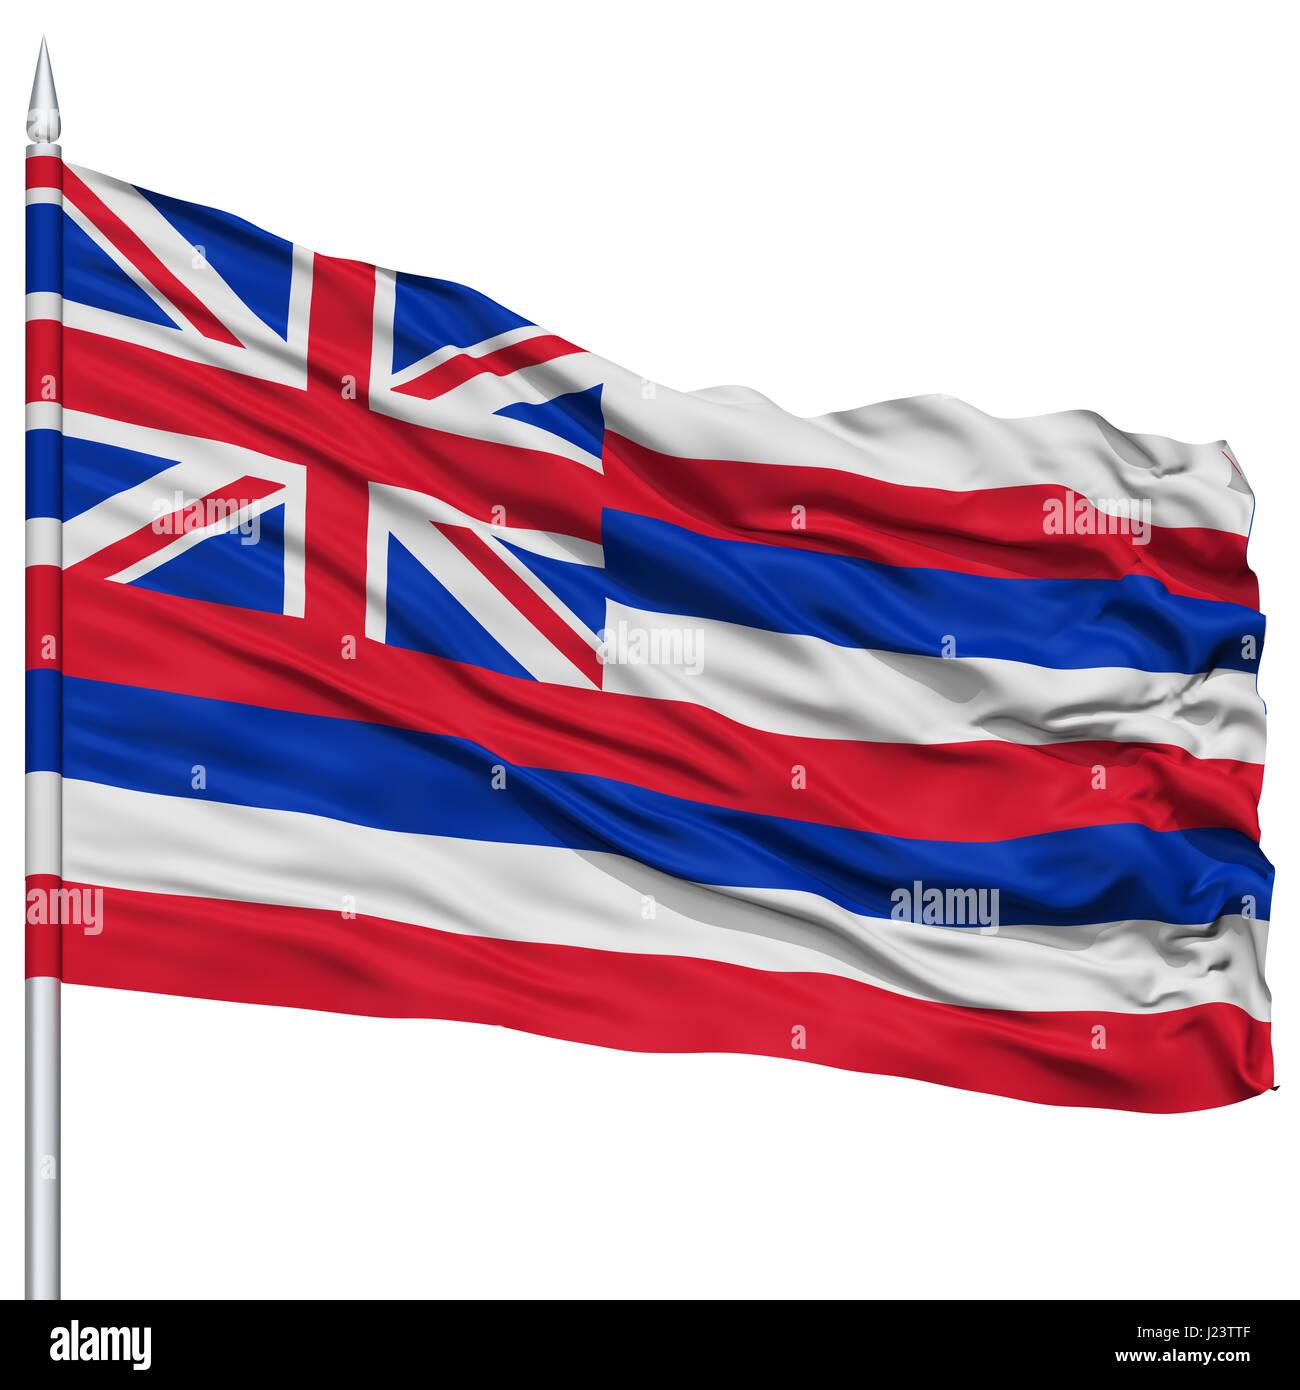 Ausgezeichnet Hawaii Flagge Färbung Seite Ideen - Malvorlagen Von ...